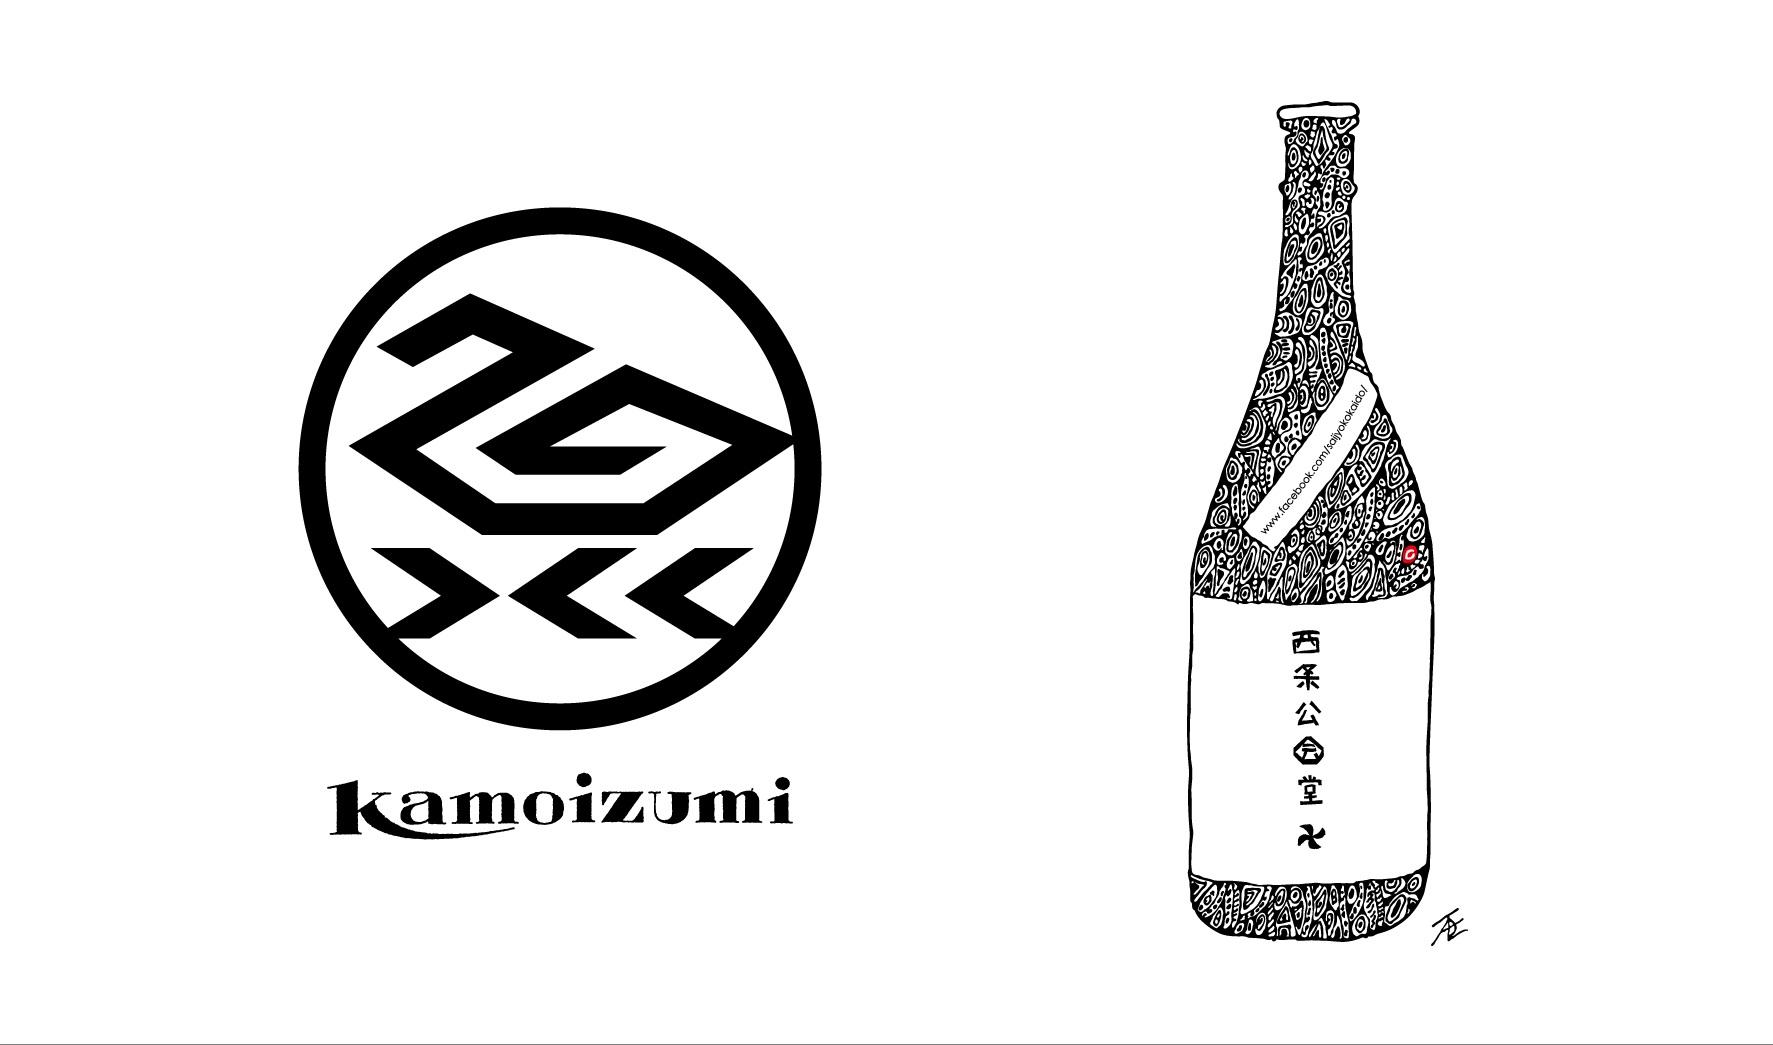 2019年2月1日(金)賀茂泉×西条公会堂企画 「酒は憂いの玉箒~サケハウレイノタマハハキ」